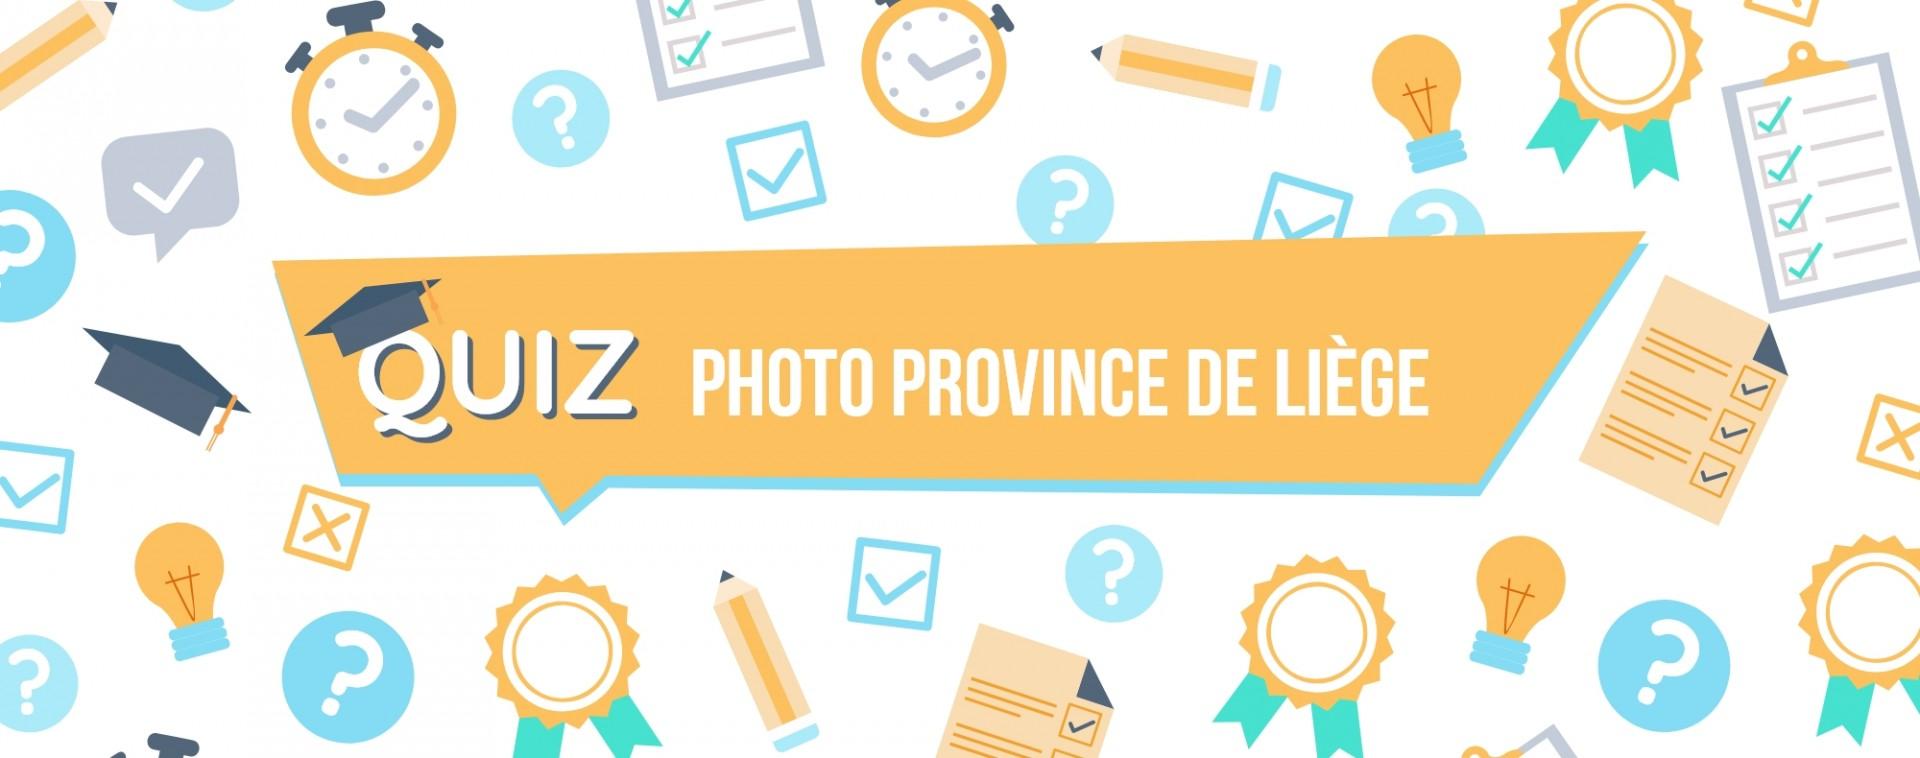 Quiz Photo Province de Liège | © Freepik